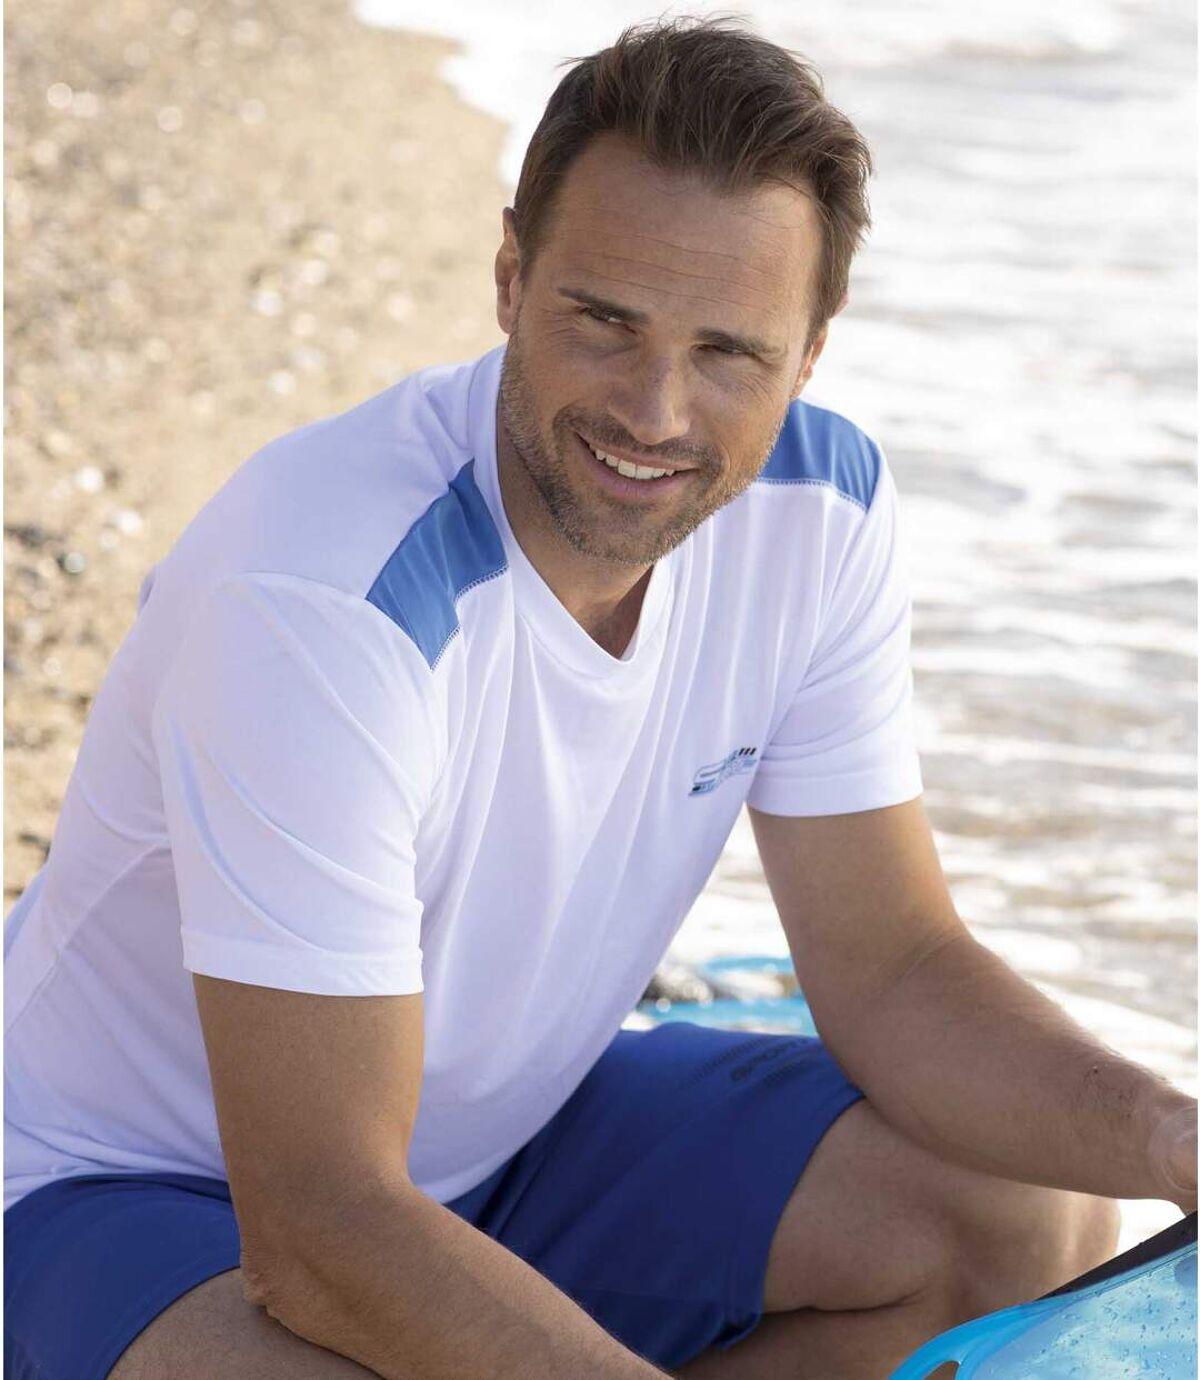 Pack of 2 Men's Sporty T-Shirts - White Blue Atlas For Men